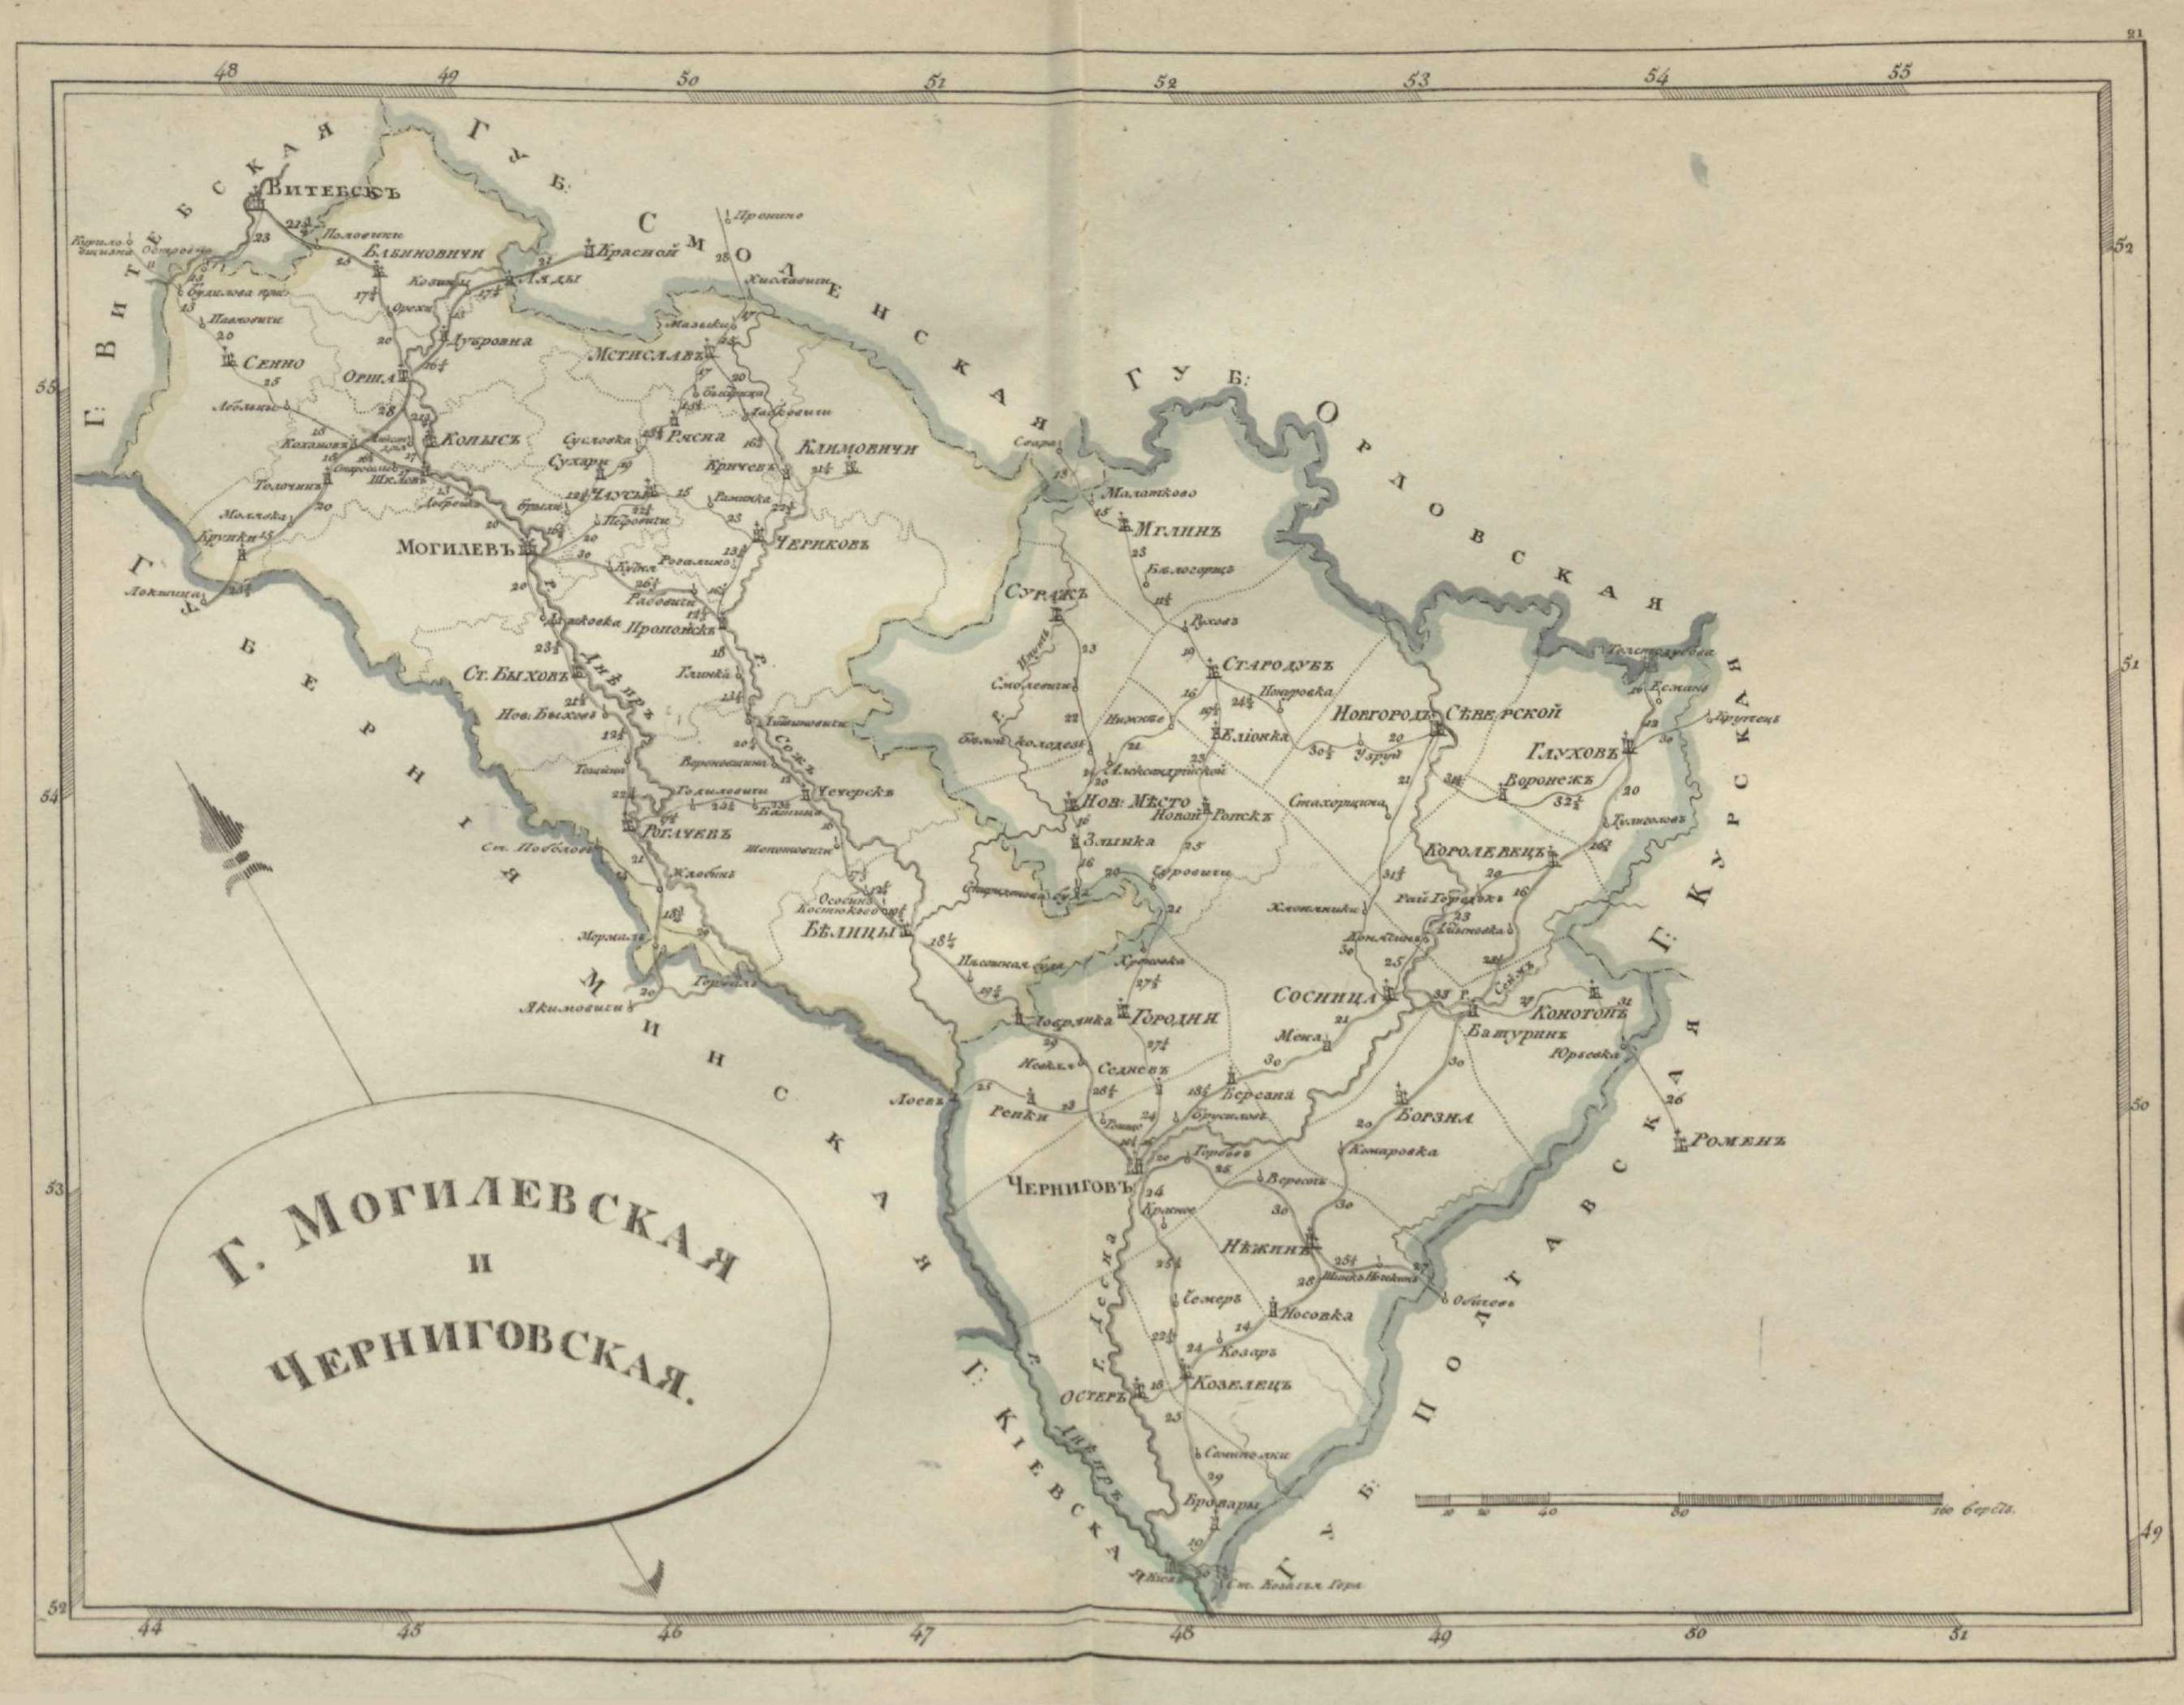 Могилевская и Чериговская губернии